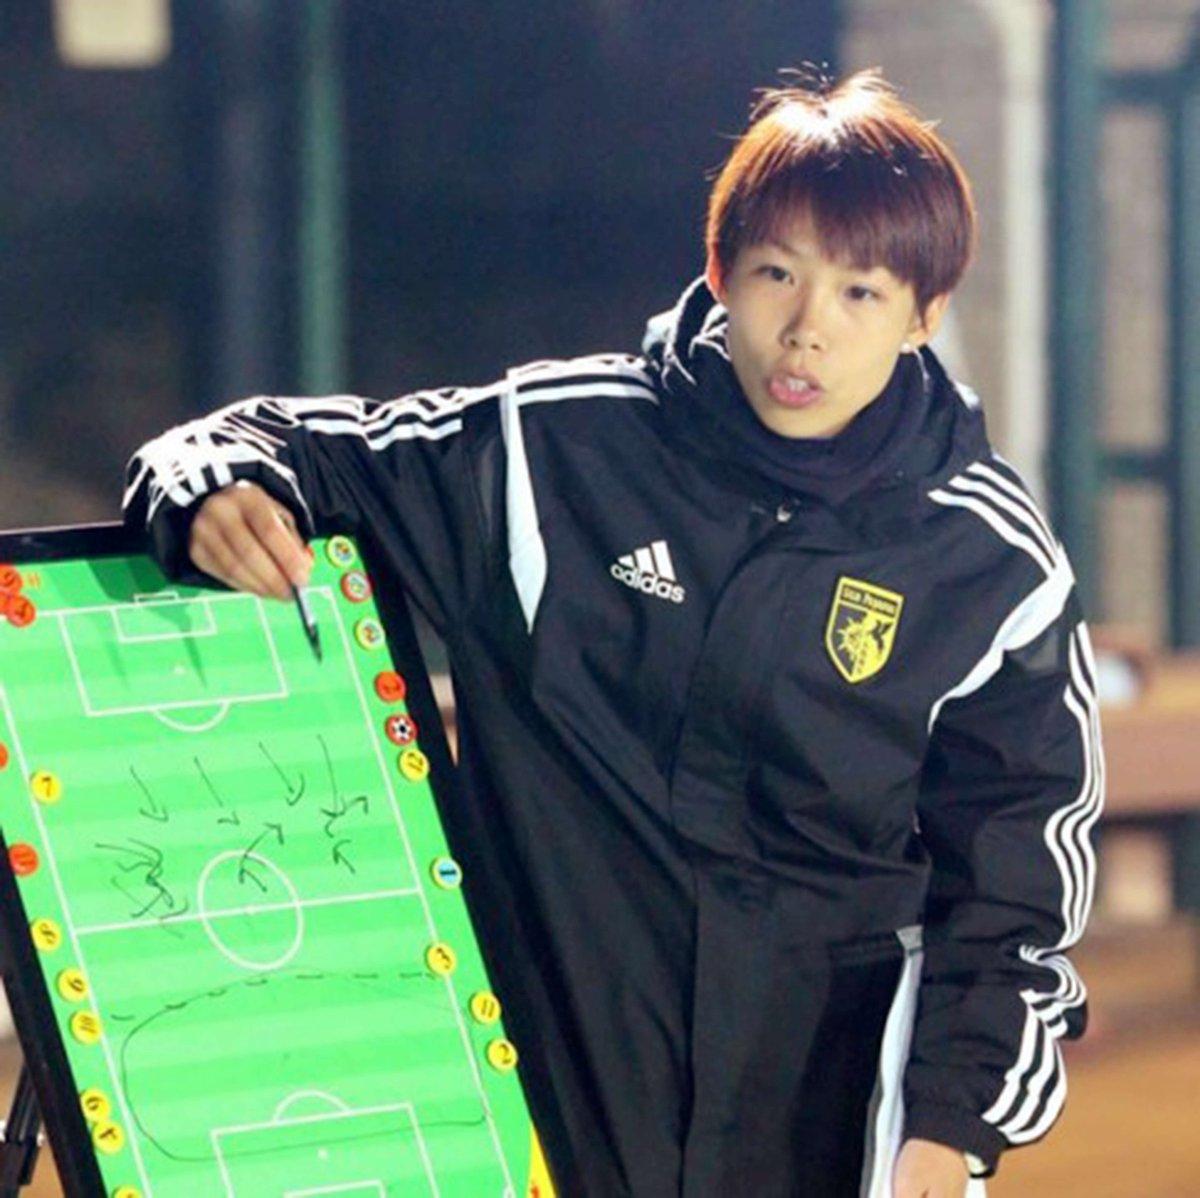 تشان يون-تينغ مدربة إيسترن من هونج كونج ستصبح أول امرأة تقود فريقا للر...